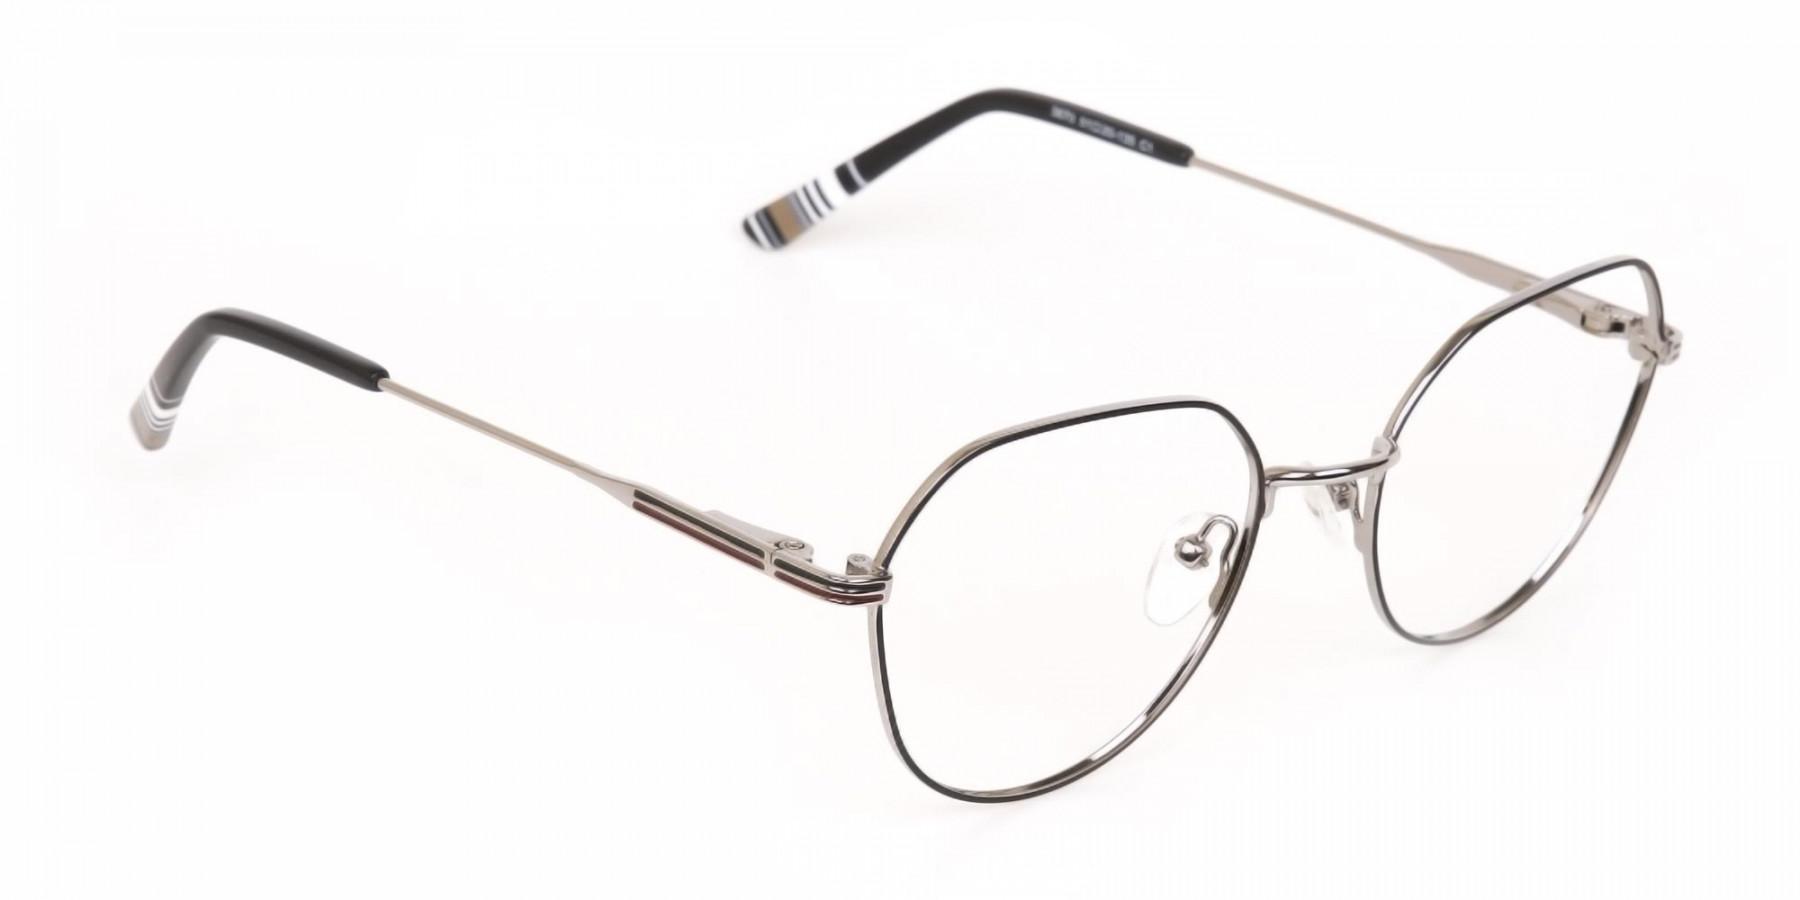 Black & Silver Wayfarer Metal Glasses in Full-Rim-1